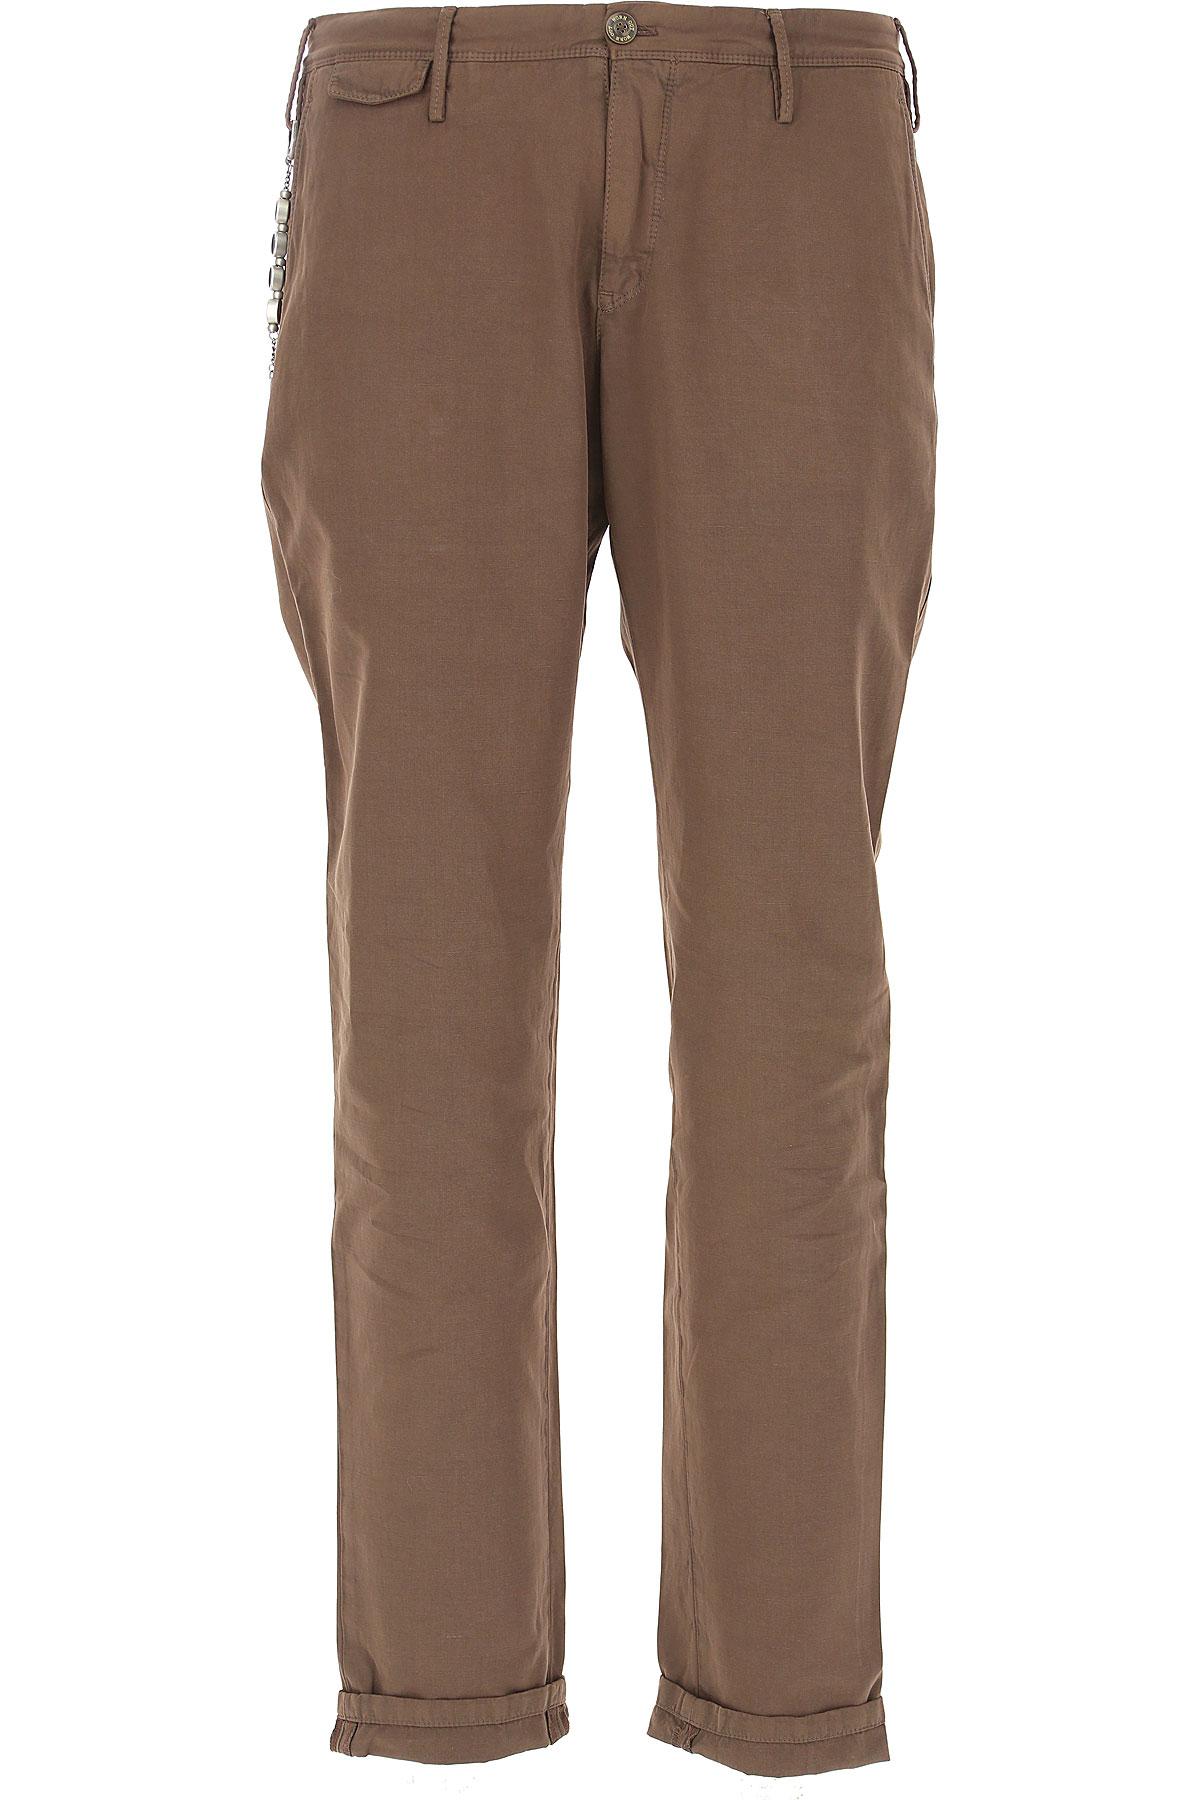 PT01 Pants for Men, Dove Brown, Cotton, 2019, 31 32 33 34